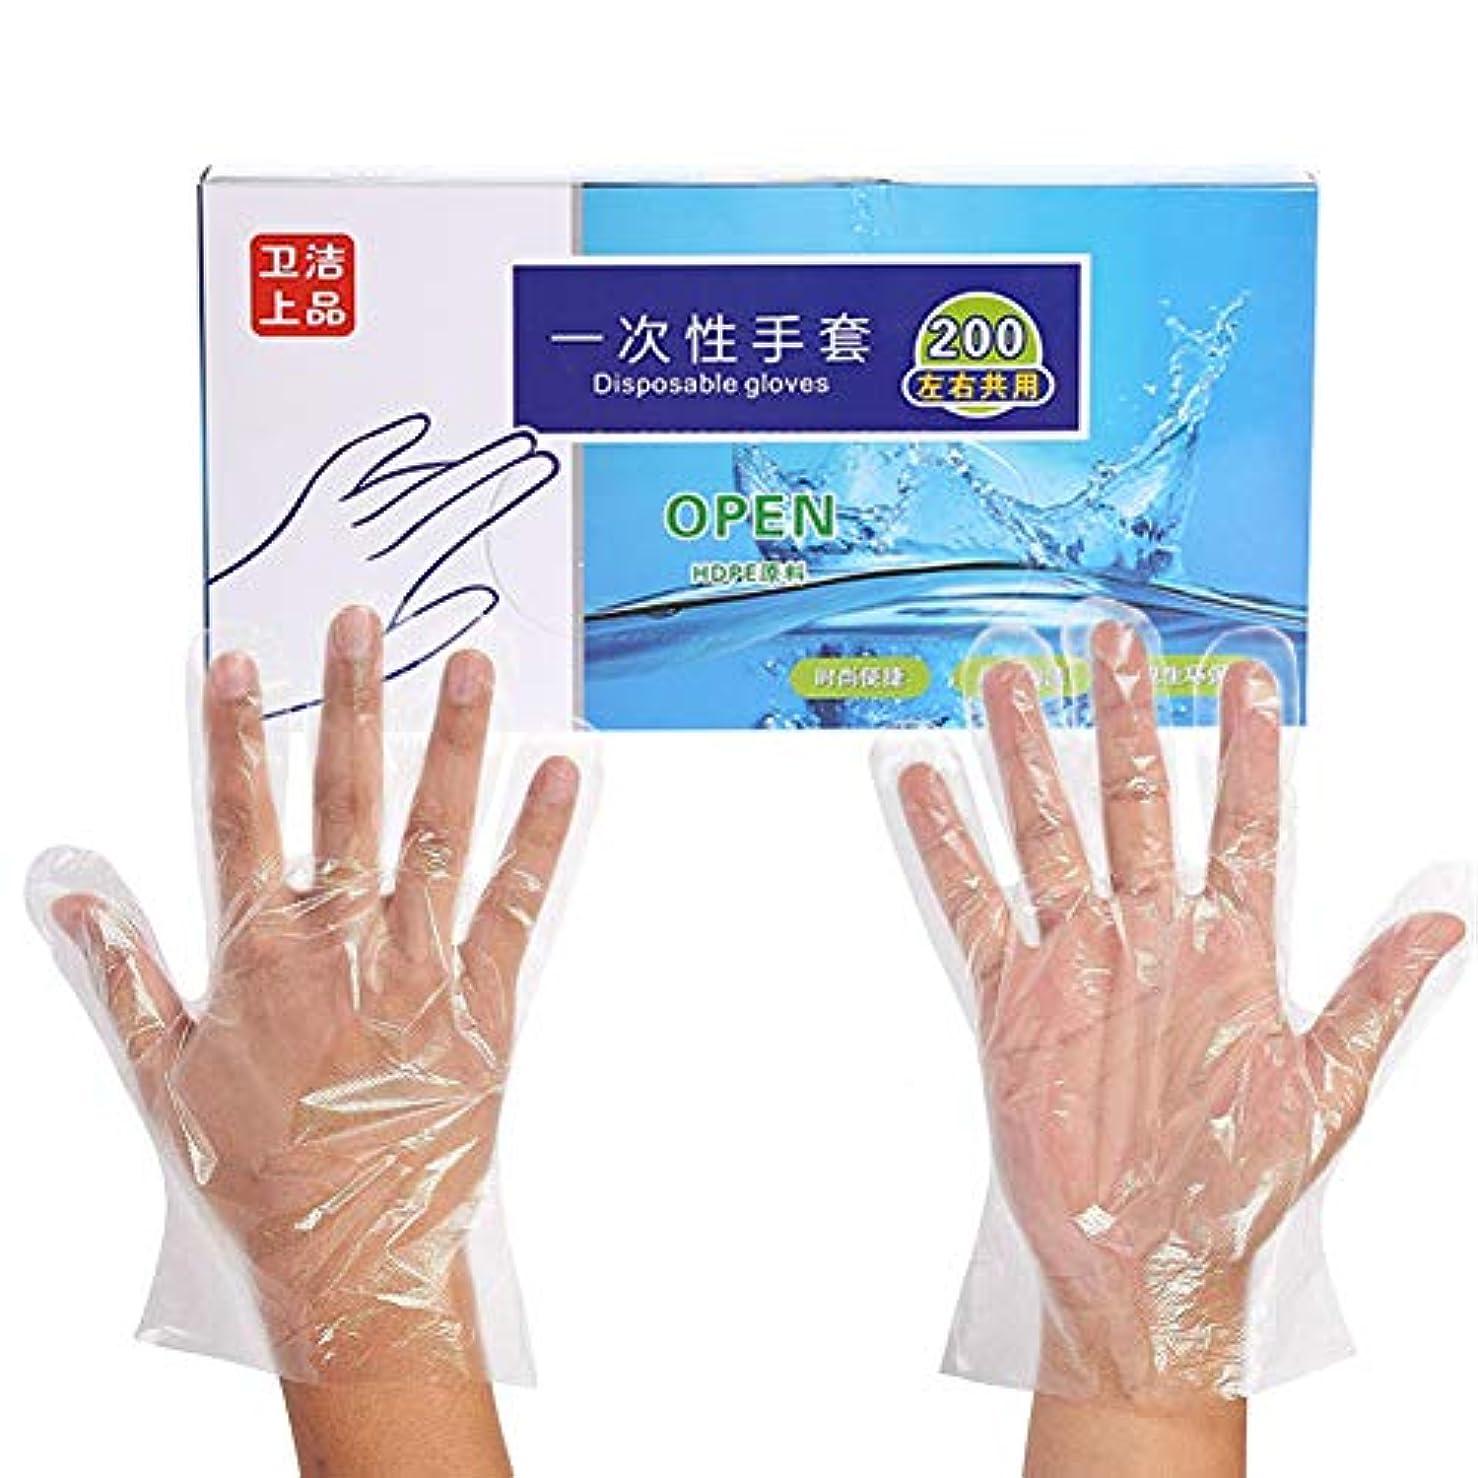 暫定のマーカー懐Cangad 使い捨て手袋 極薄ビニール手袋 ポリエチ手袋 左右兼用 透明 調理用 食品 実用 セット極薄手袋 調理に?お掃除に?毛染めに 食品衛生法適合 400枚入